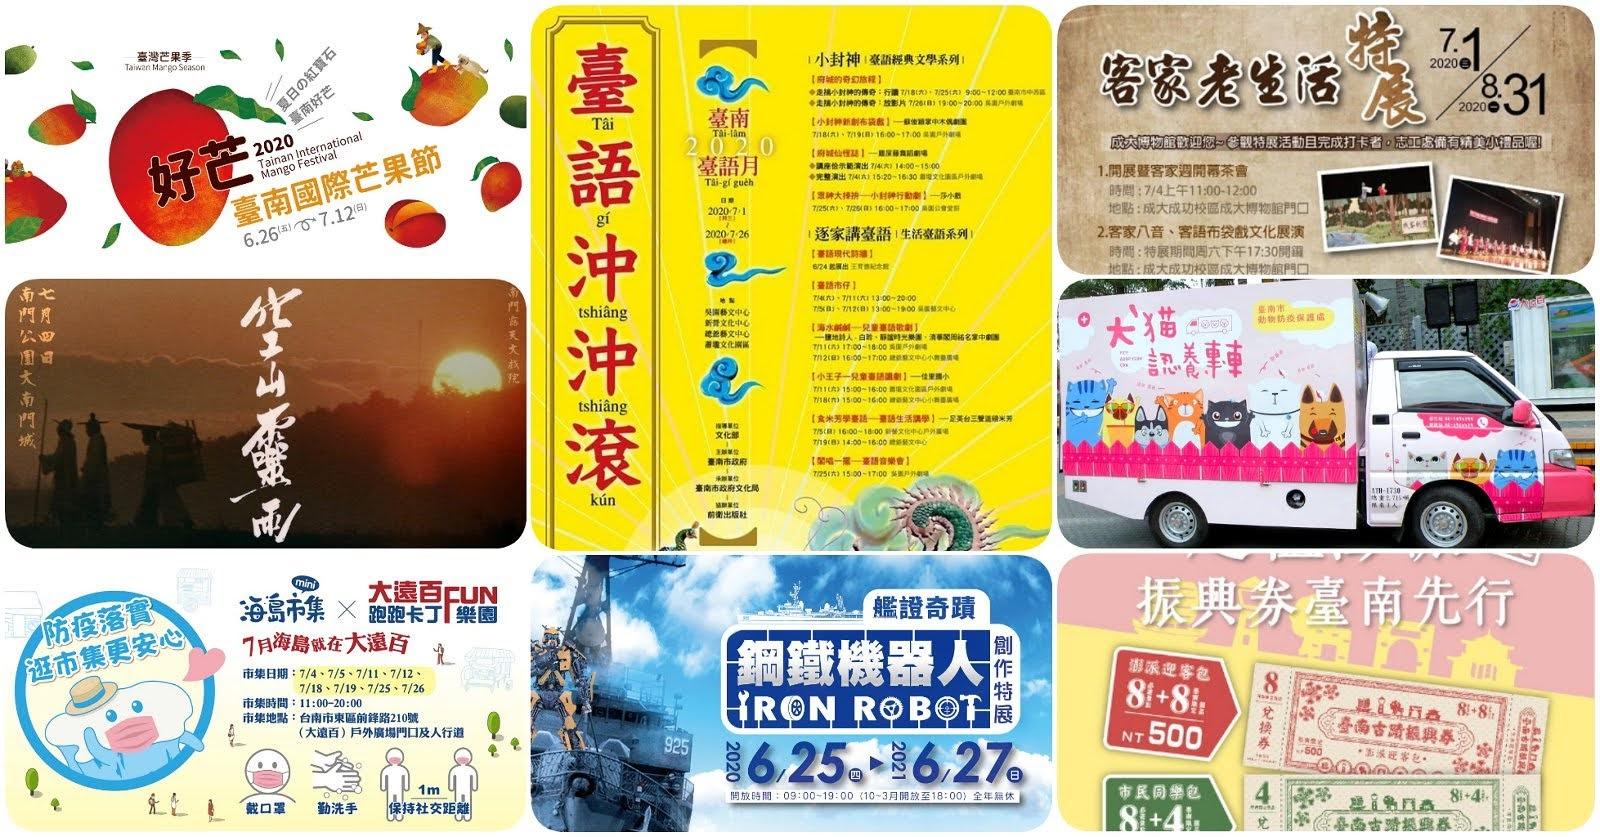 [活動] 2020/7/4-/7/5|台南端午連假×週末活動整理|本週末活動數:66